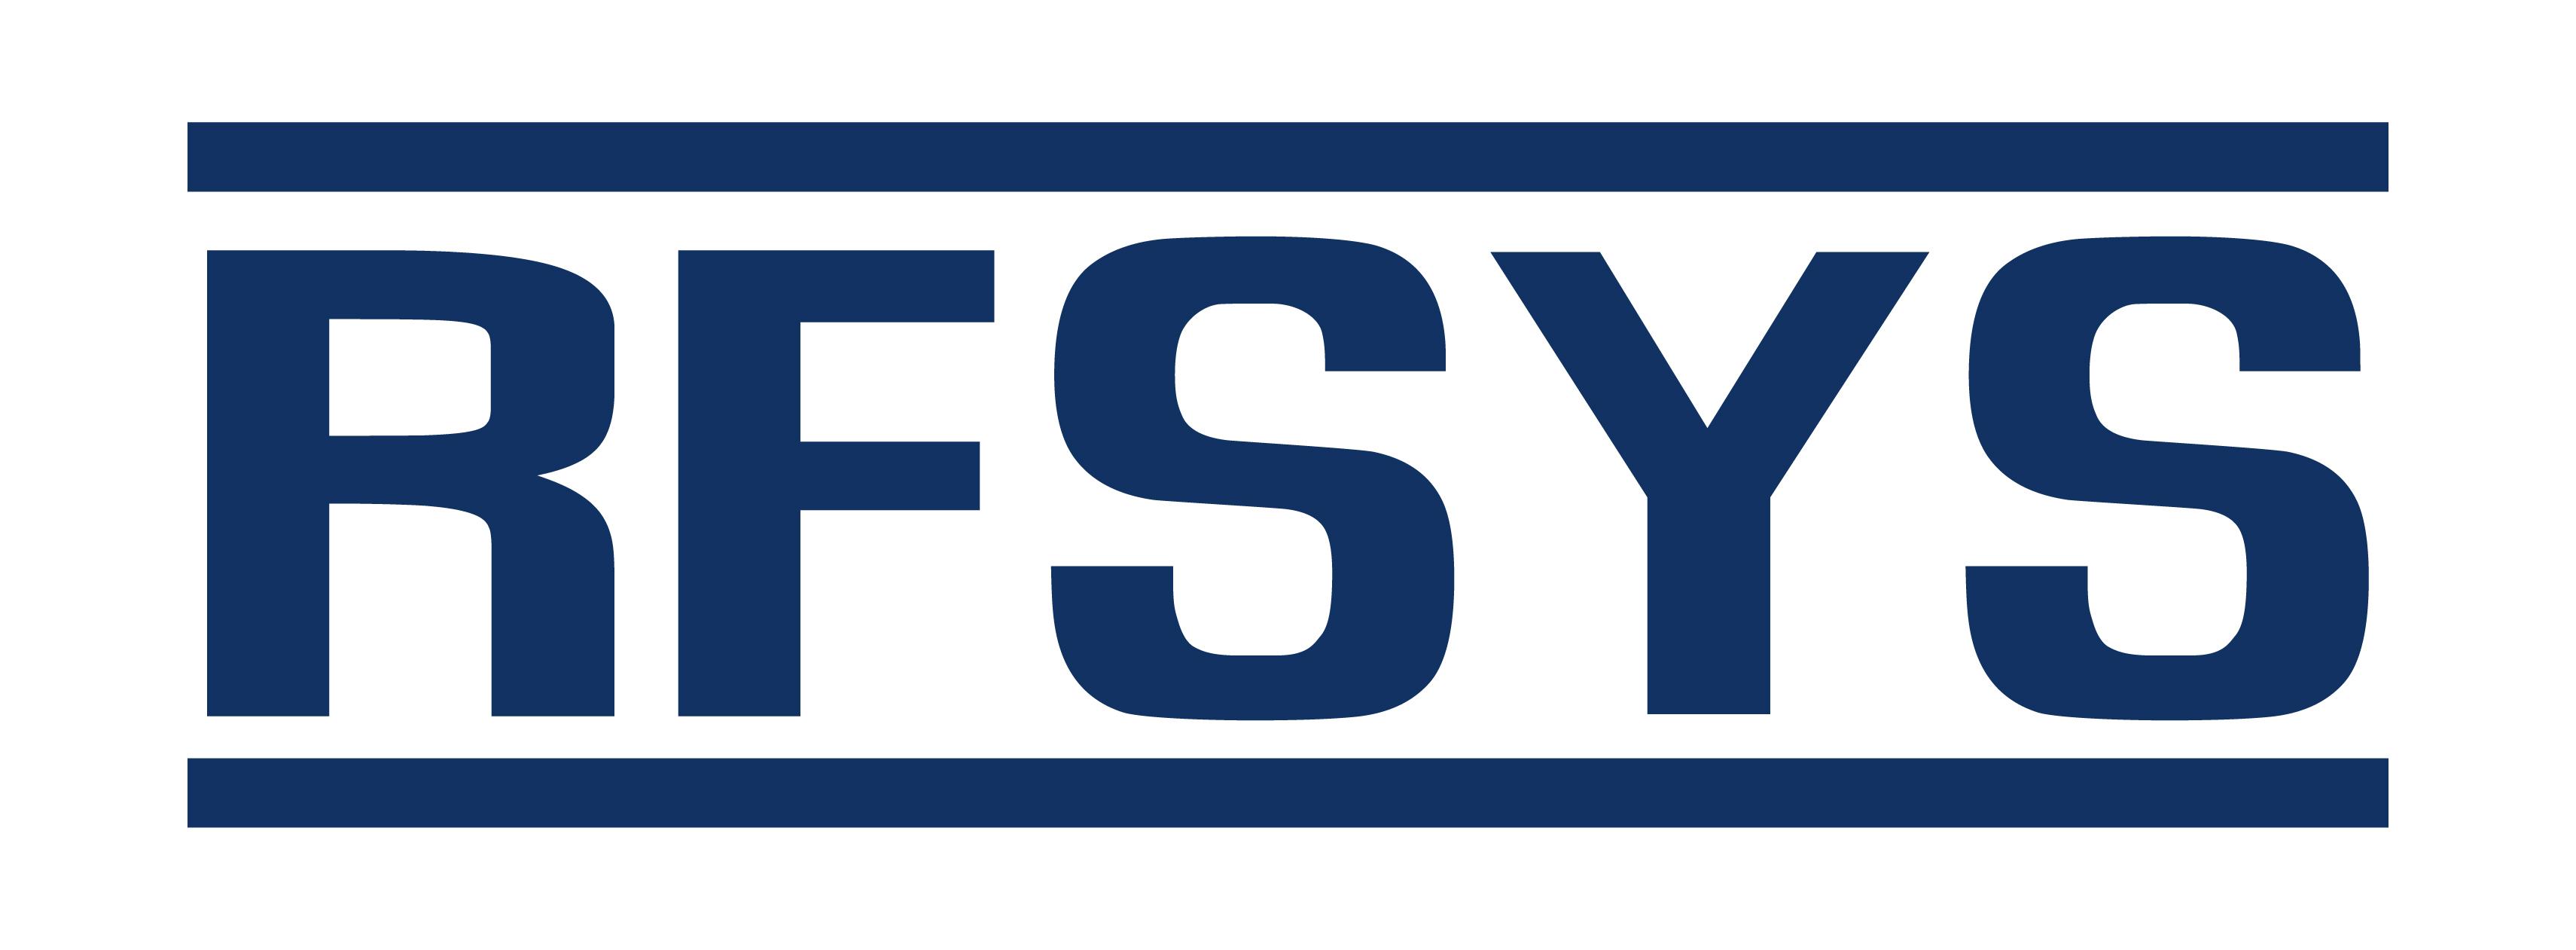 알에프에이치아이씨의 계열사 알에프시스템즈(주)의 로고